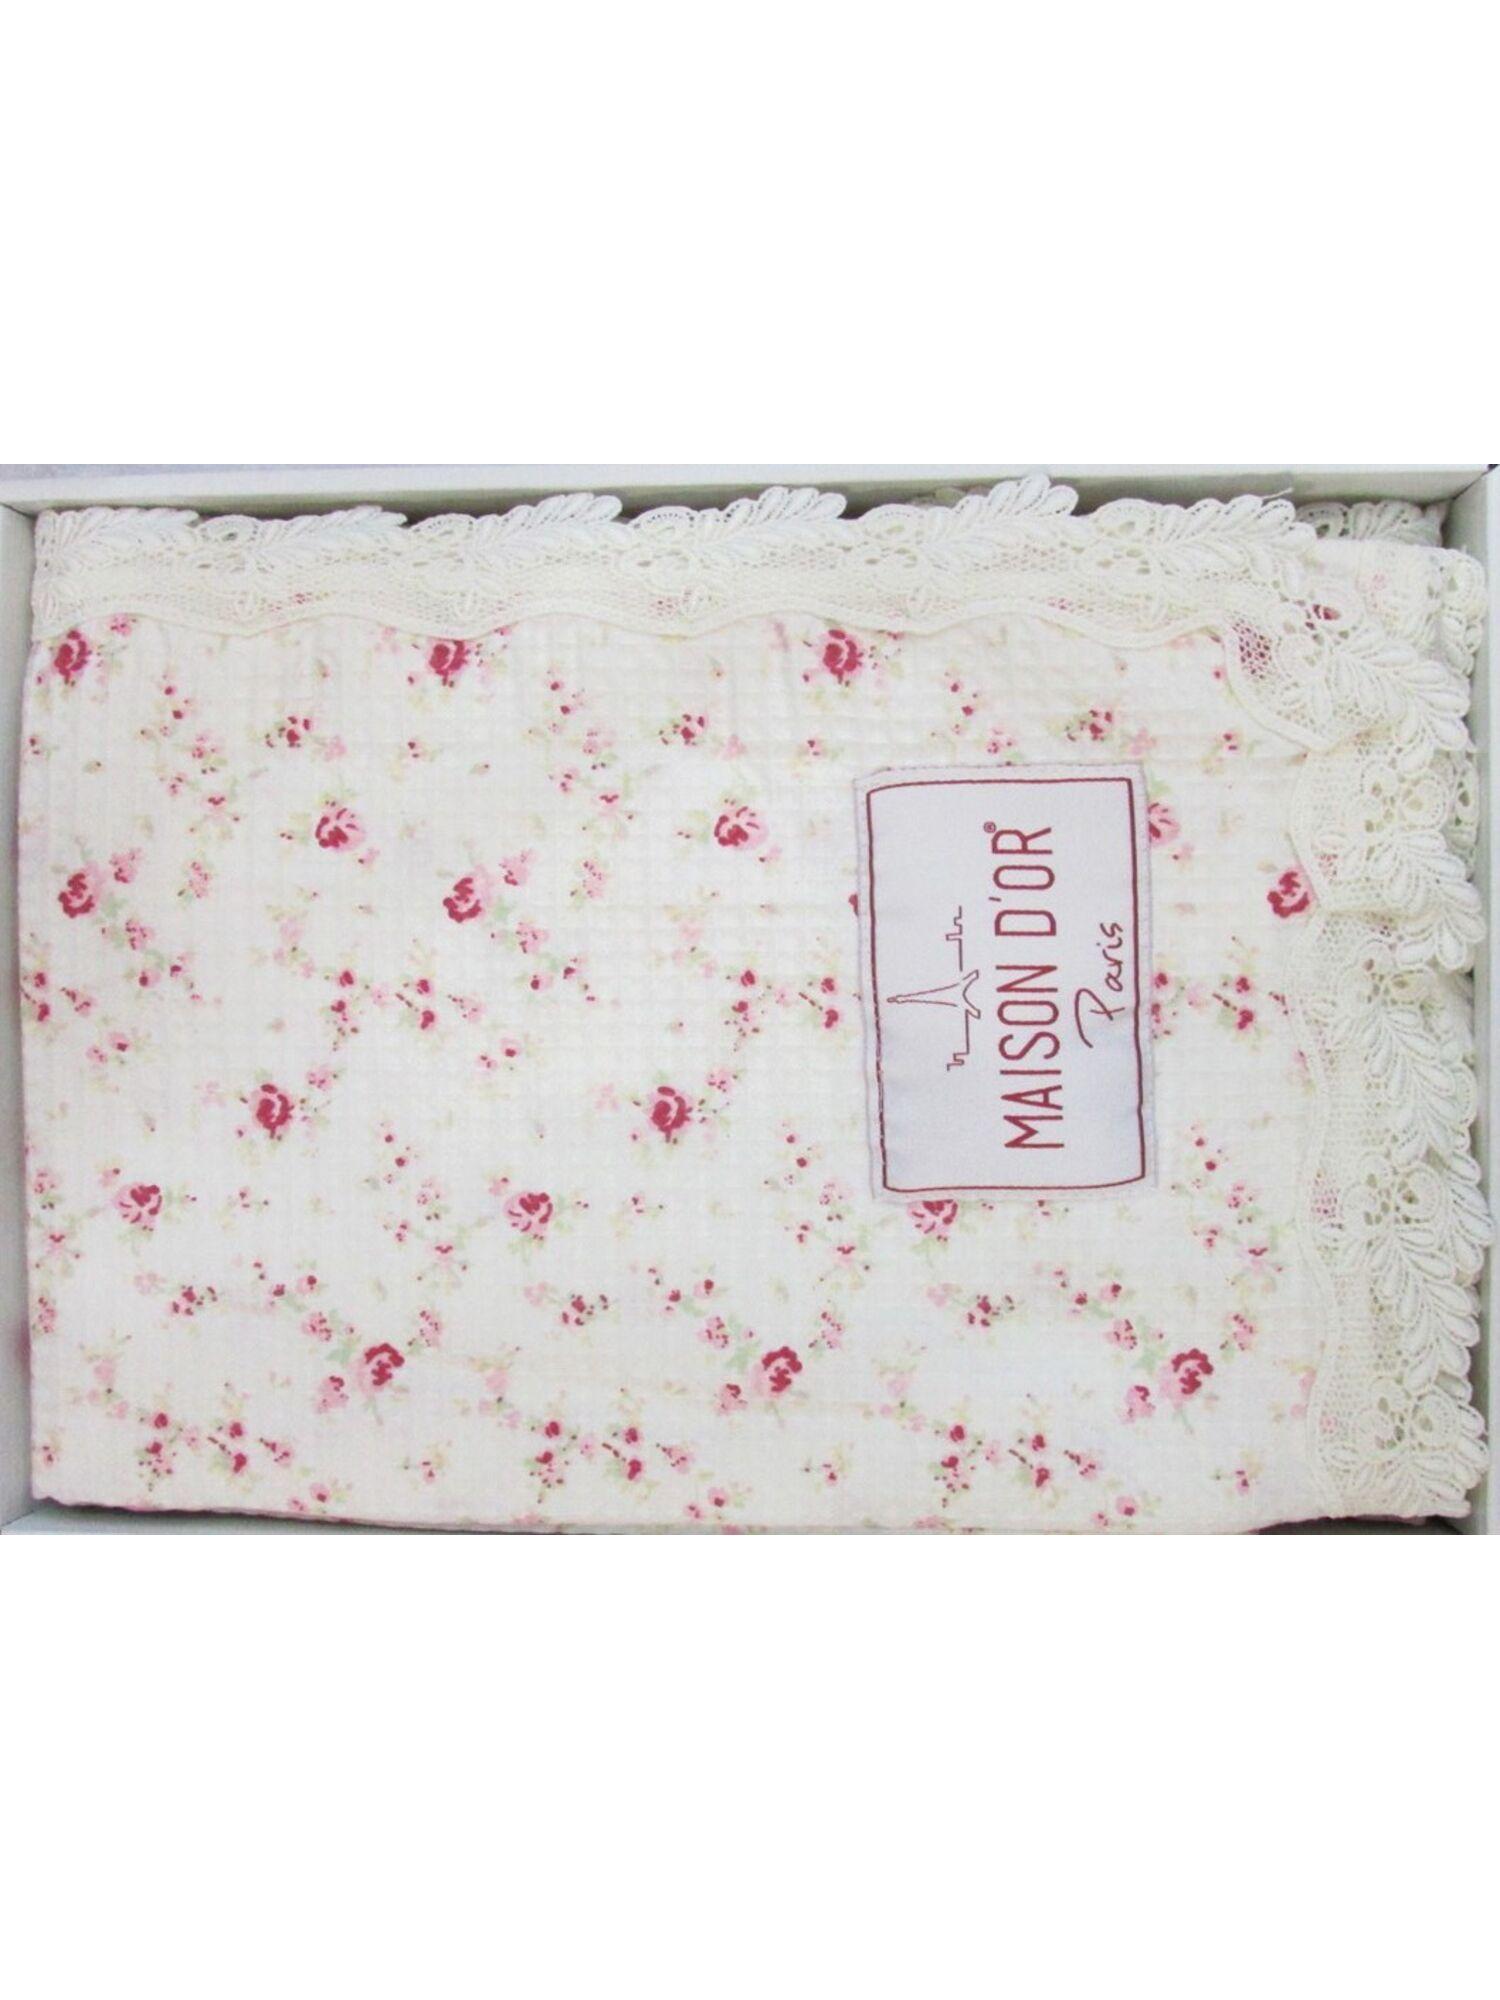 Покрывало вафельное  хлопковое ROSES с кружевом, розовый принт, 220*240, MAISON D`OR